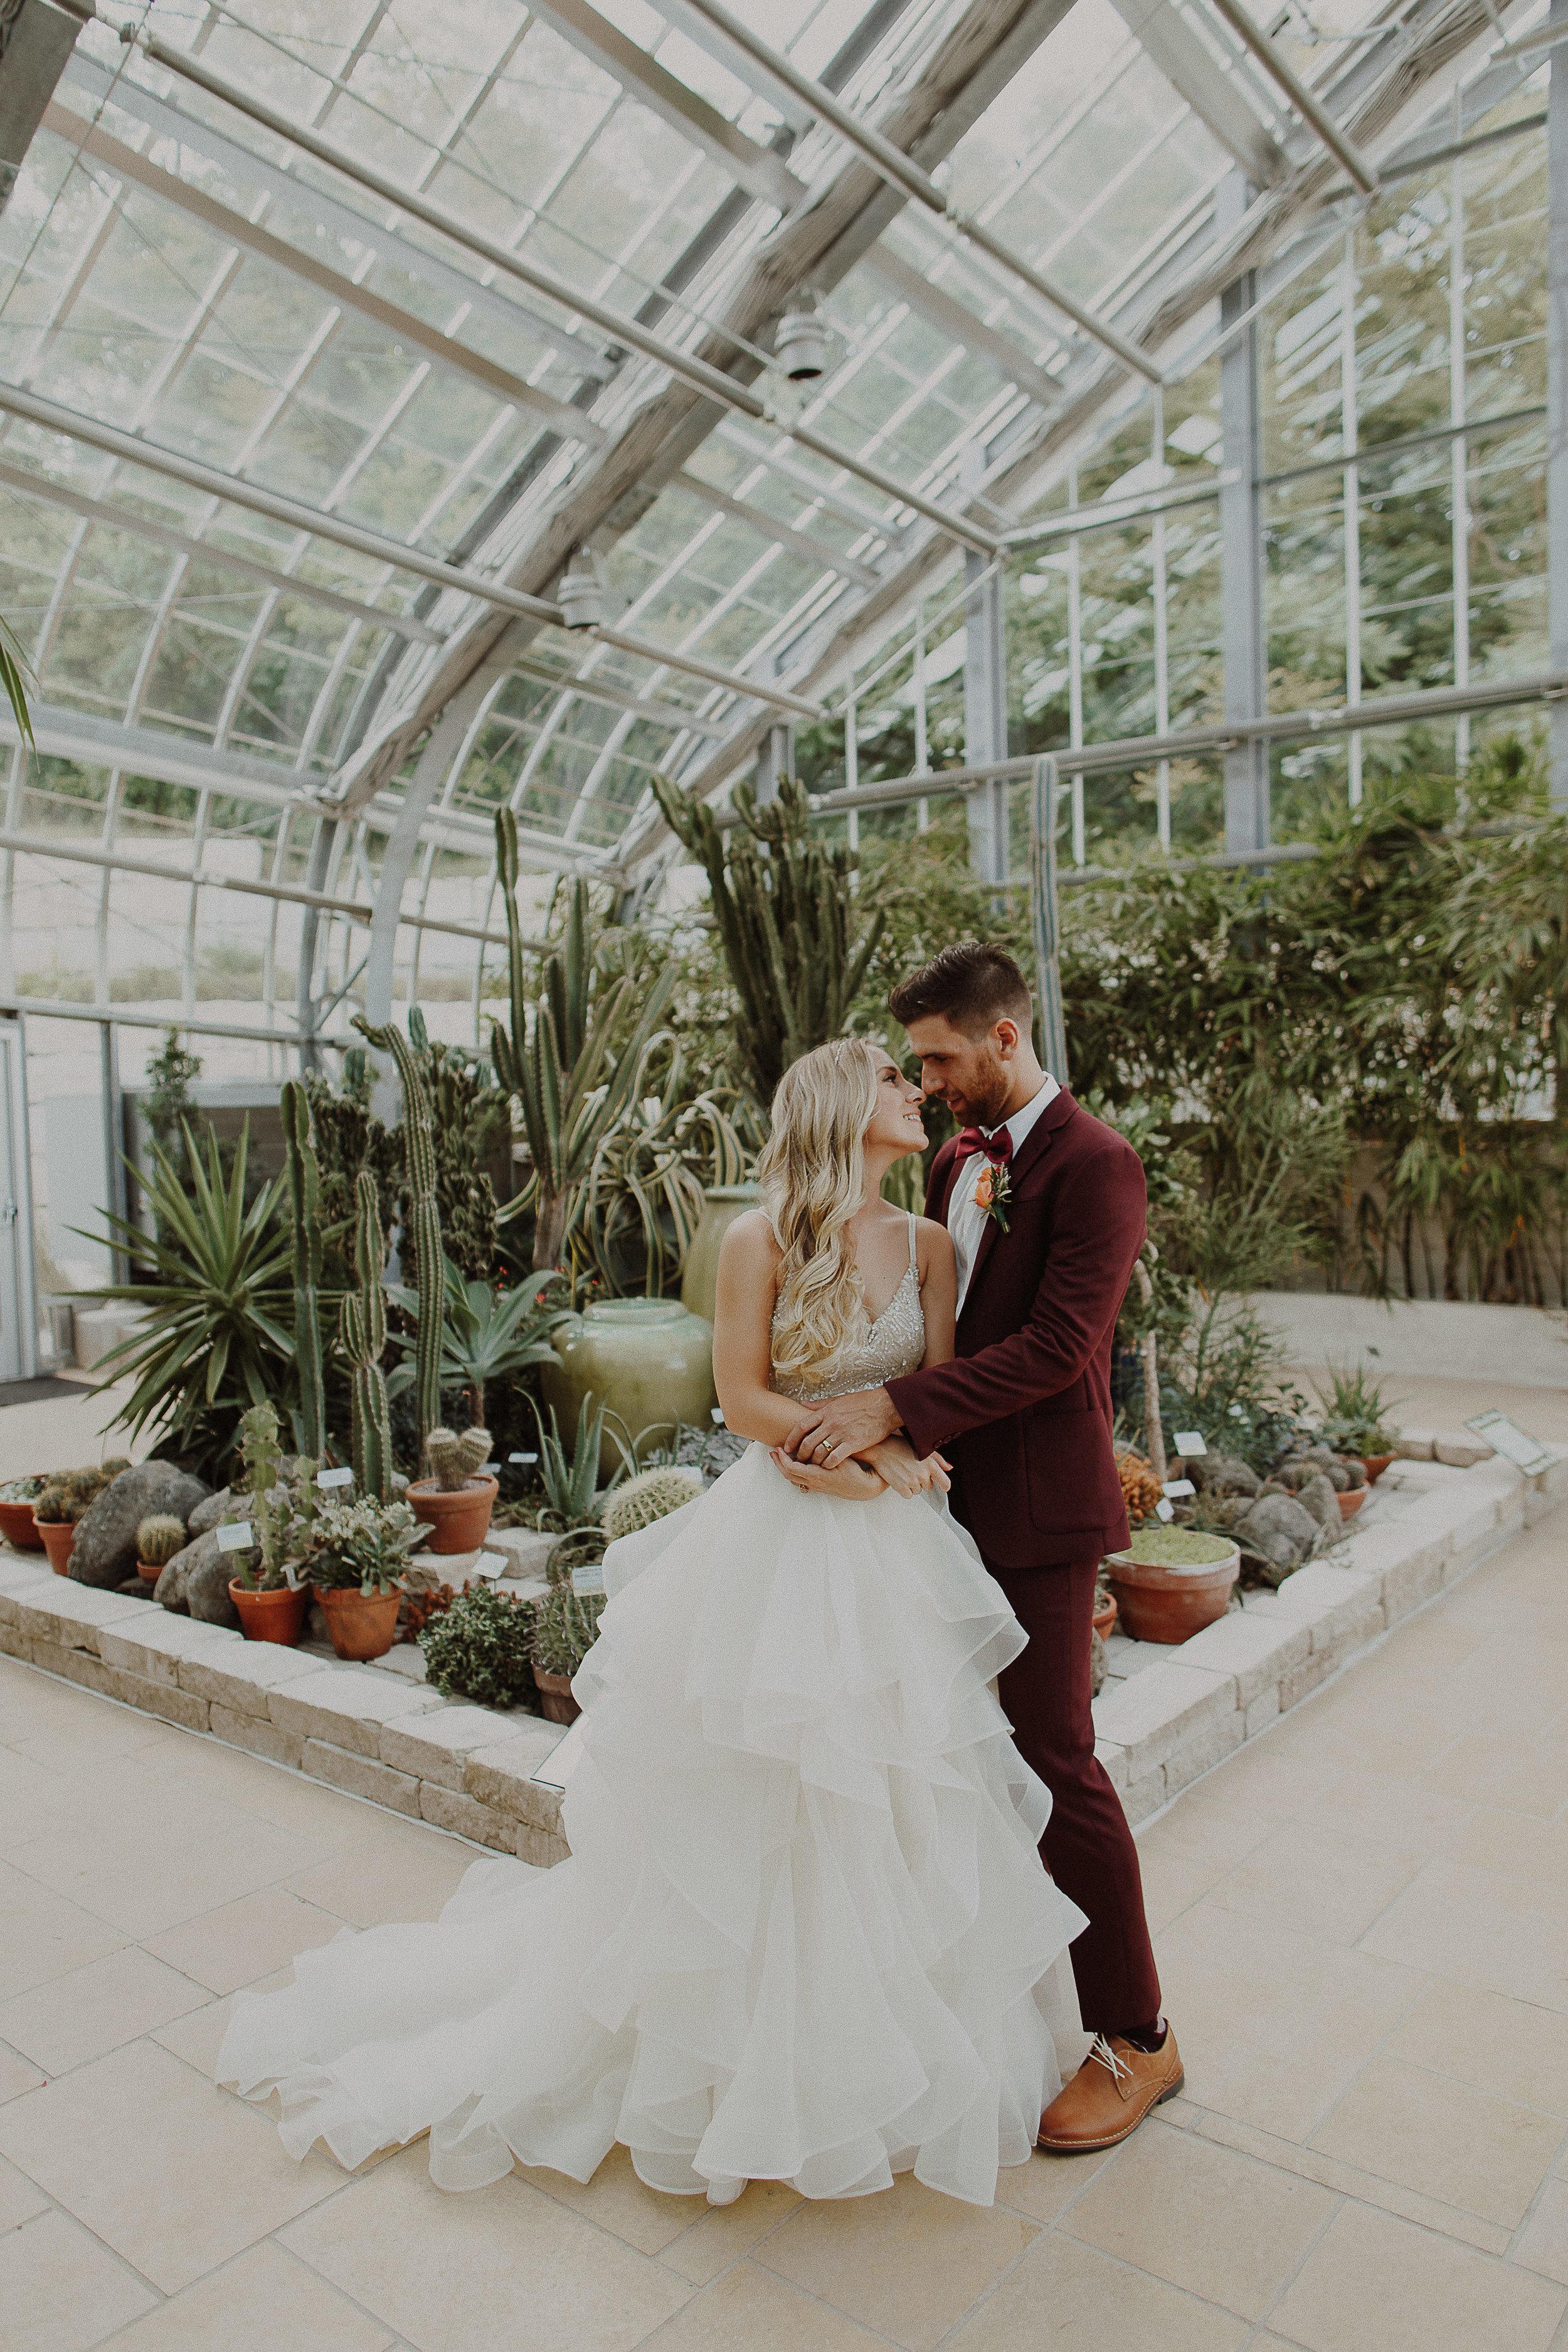 Johnny + Tanna    Lauritzen Gardens Modern Outdoor Ceremony Wedding     View